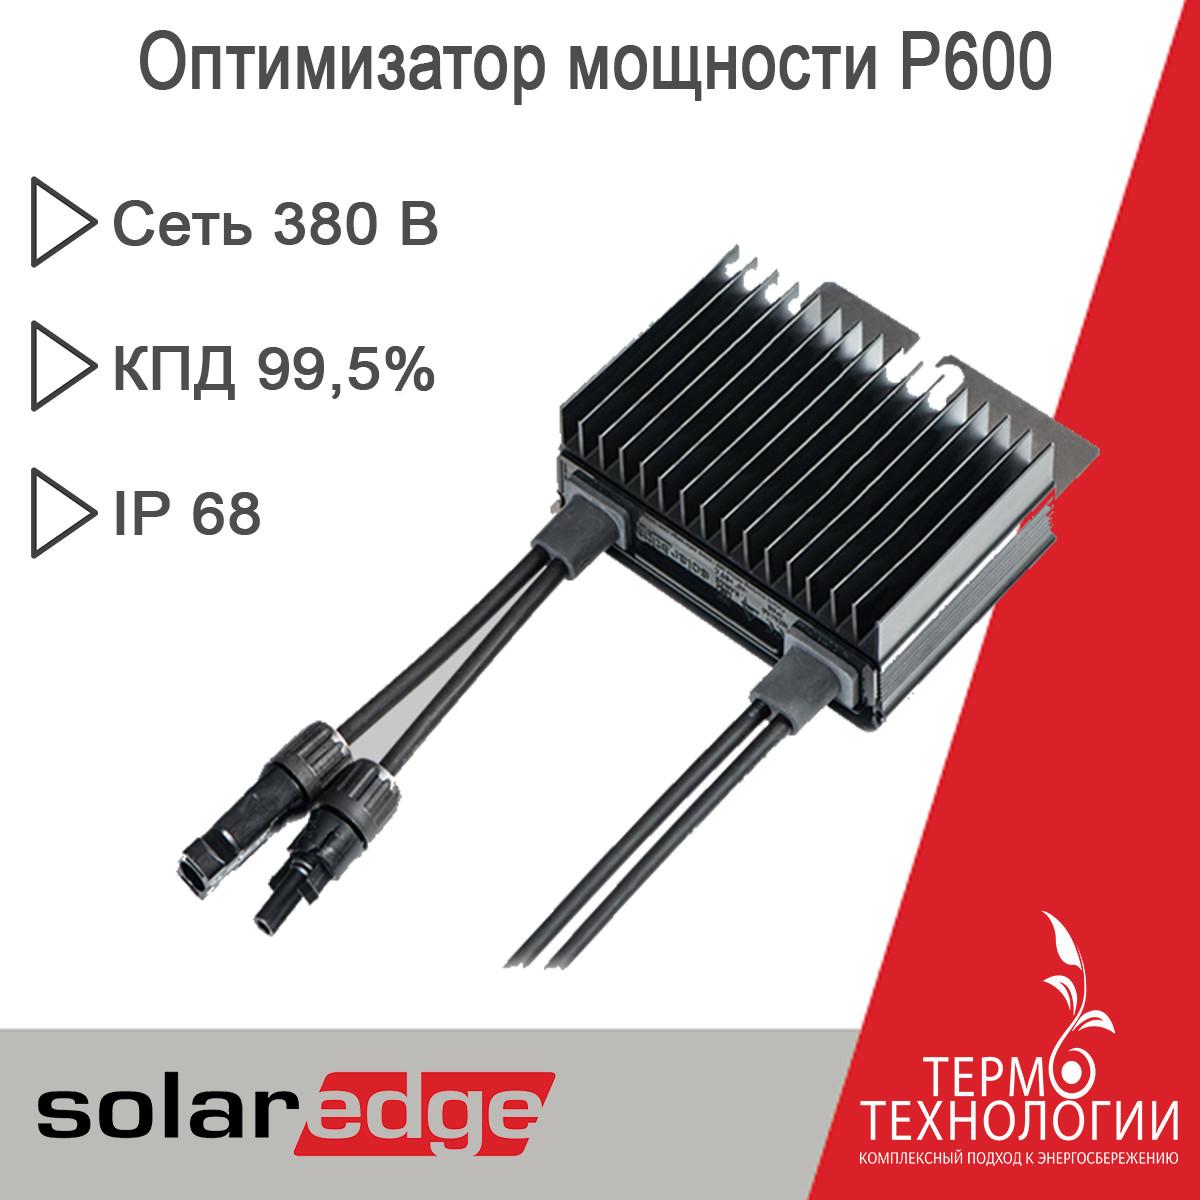 Оптимизатор мощности SolarEdge